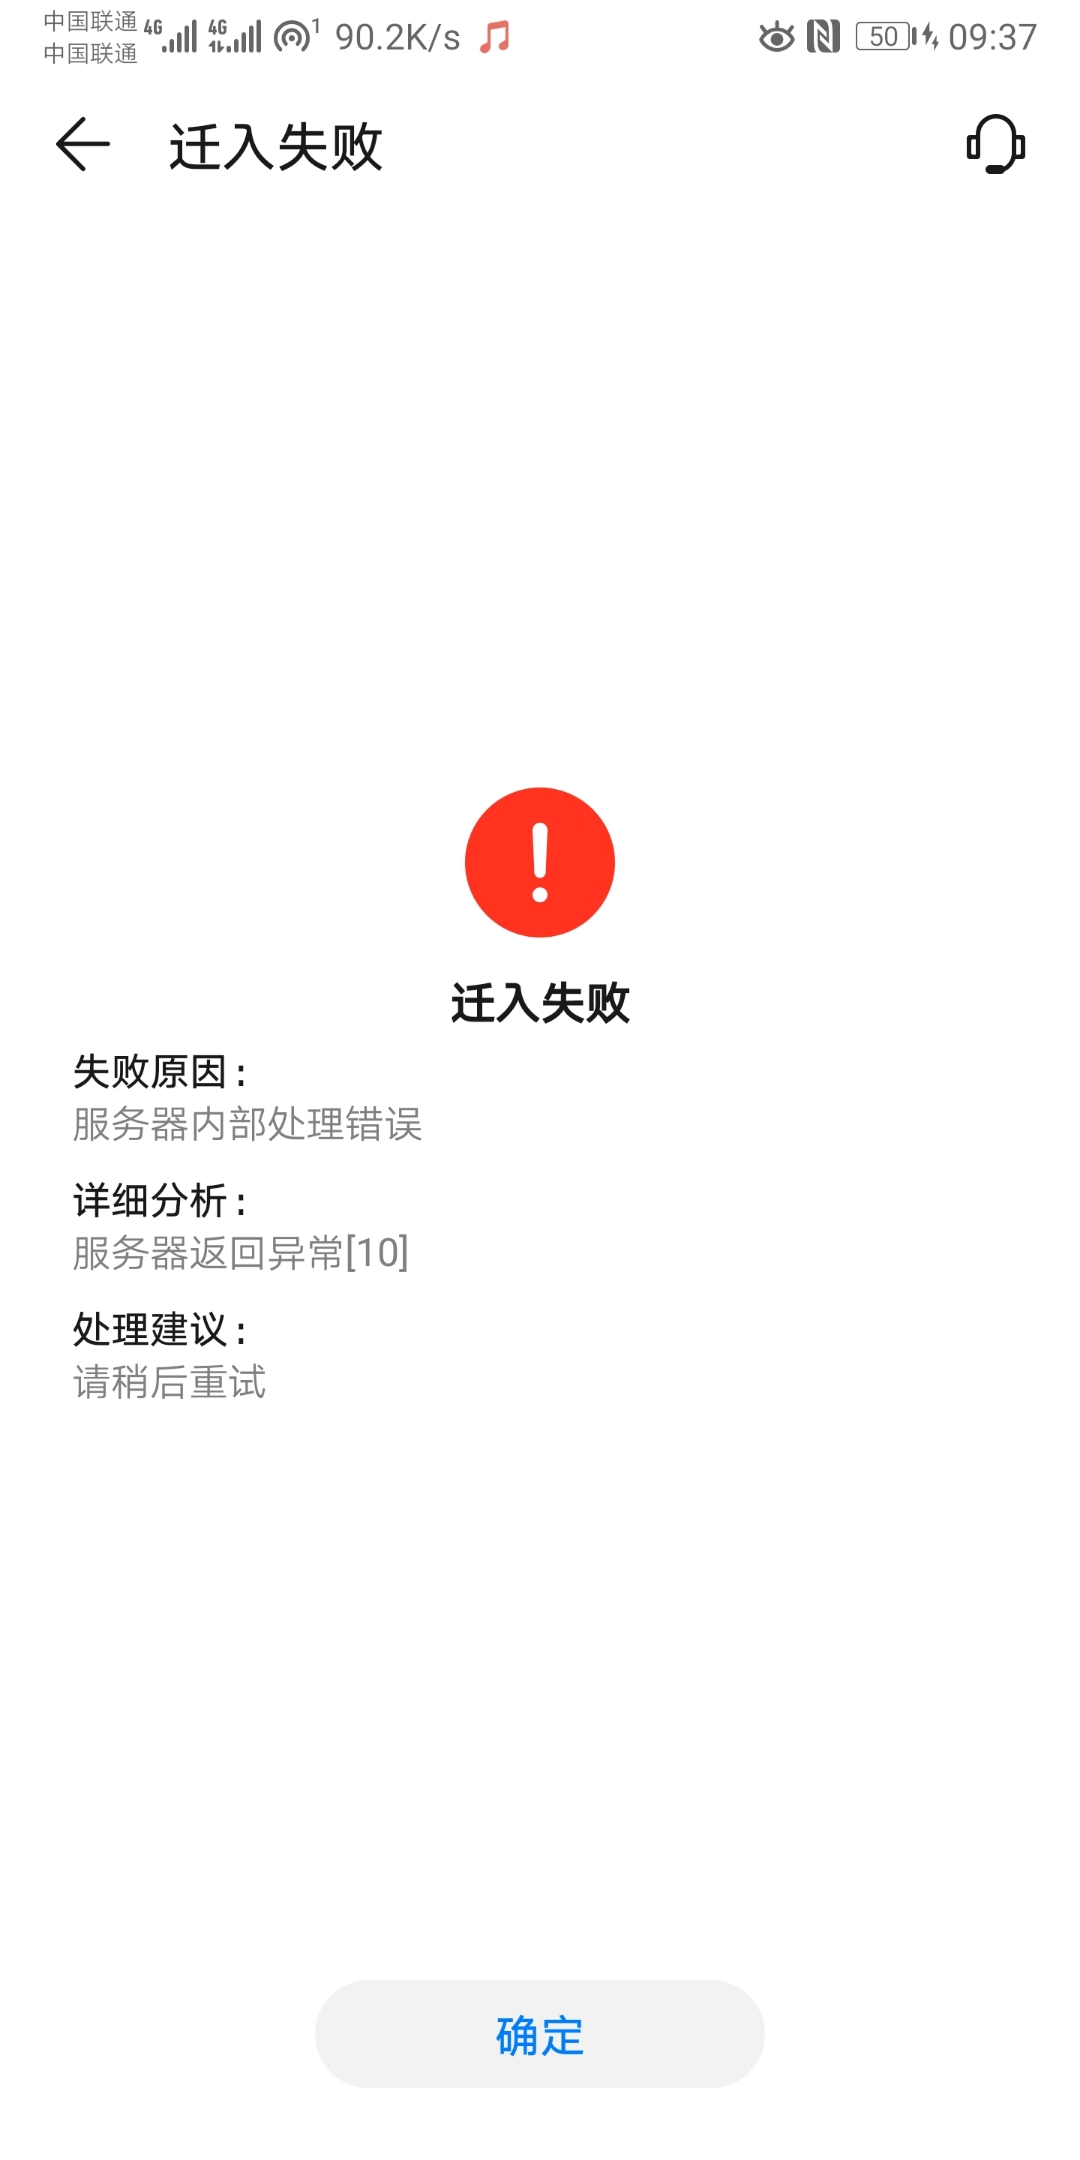 Screenshot_20210126_093702_com.huawei.wallet.jpg